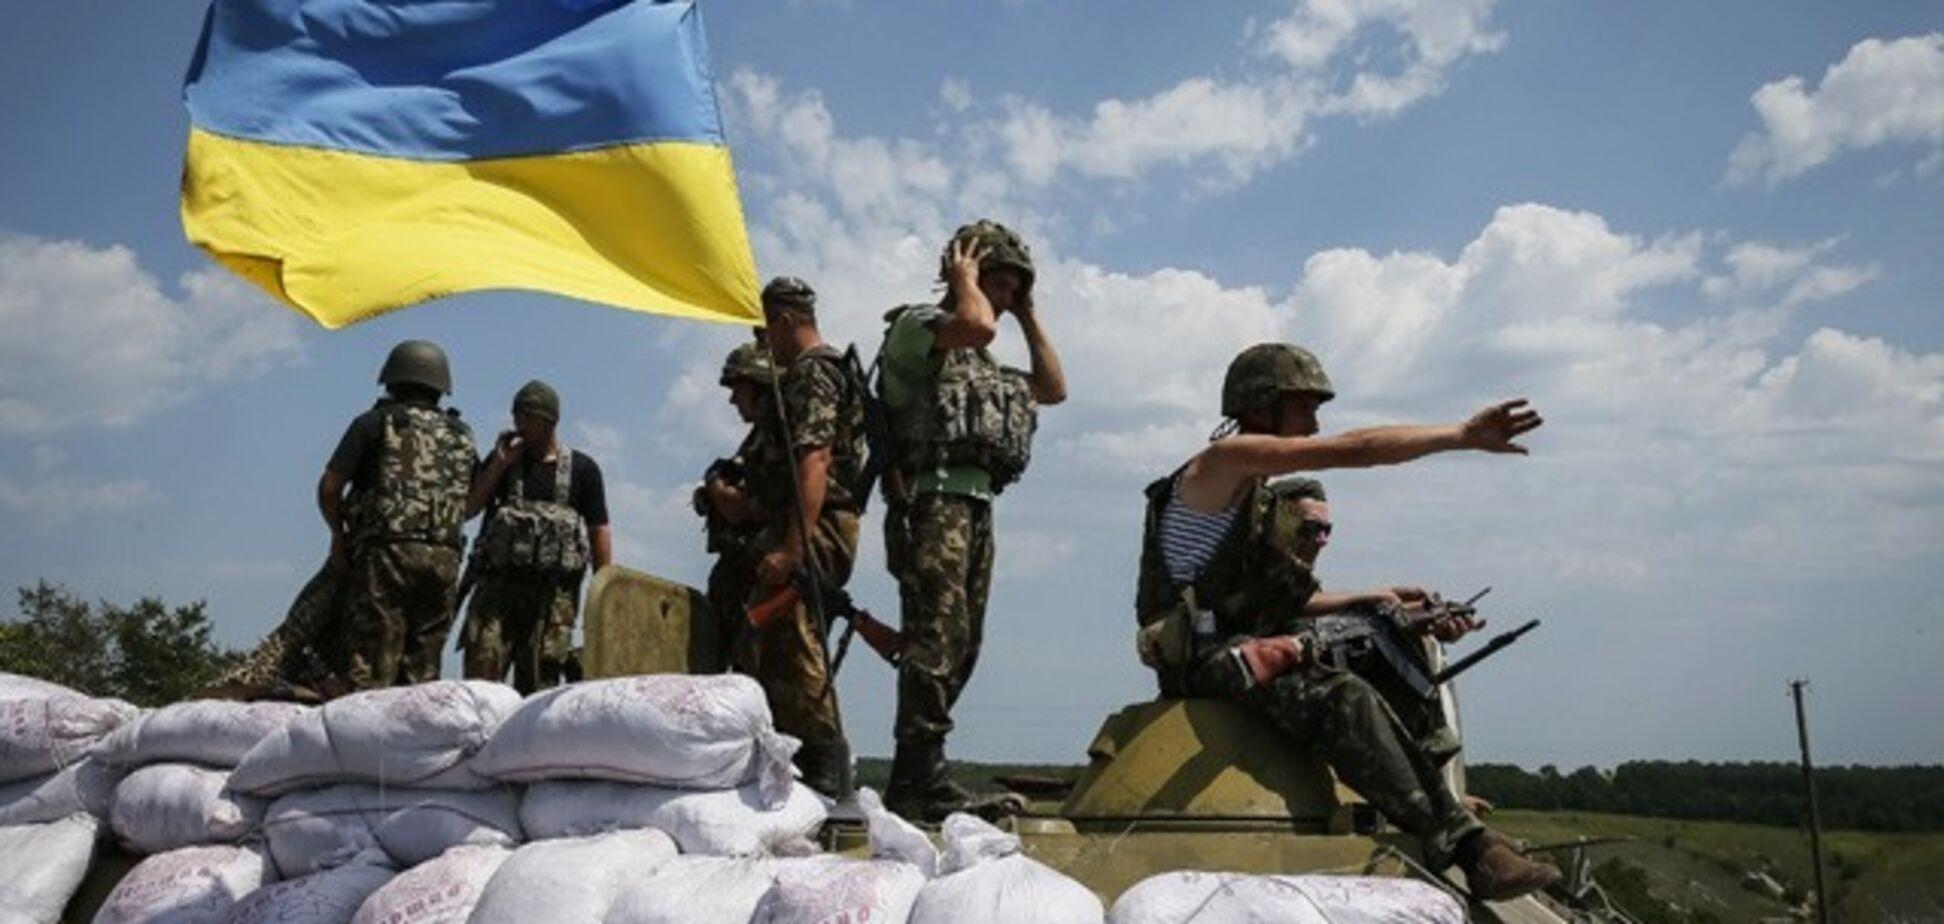 'Уже в текущем году': генерал озвучил вдохновляющий прогноз по Донбассу